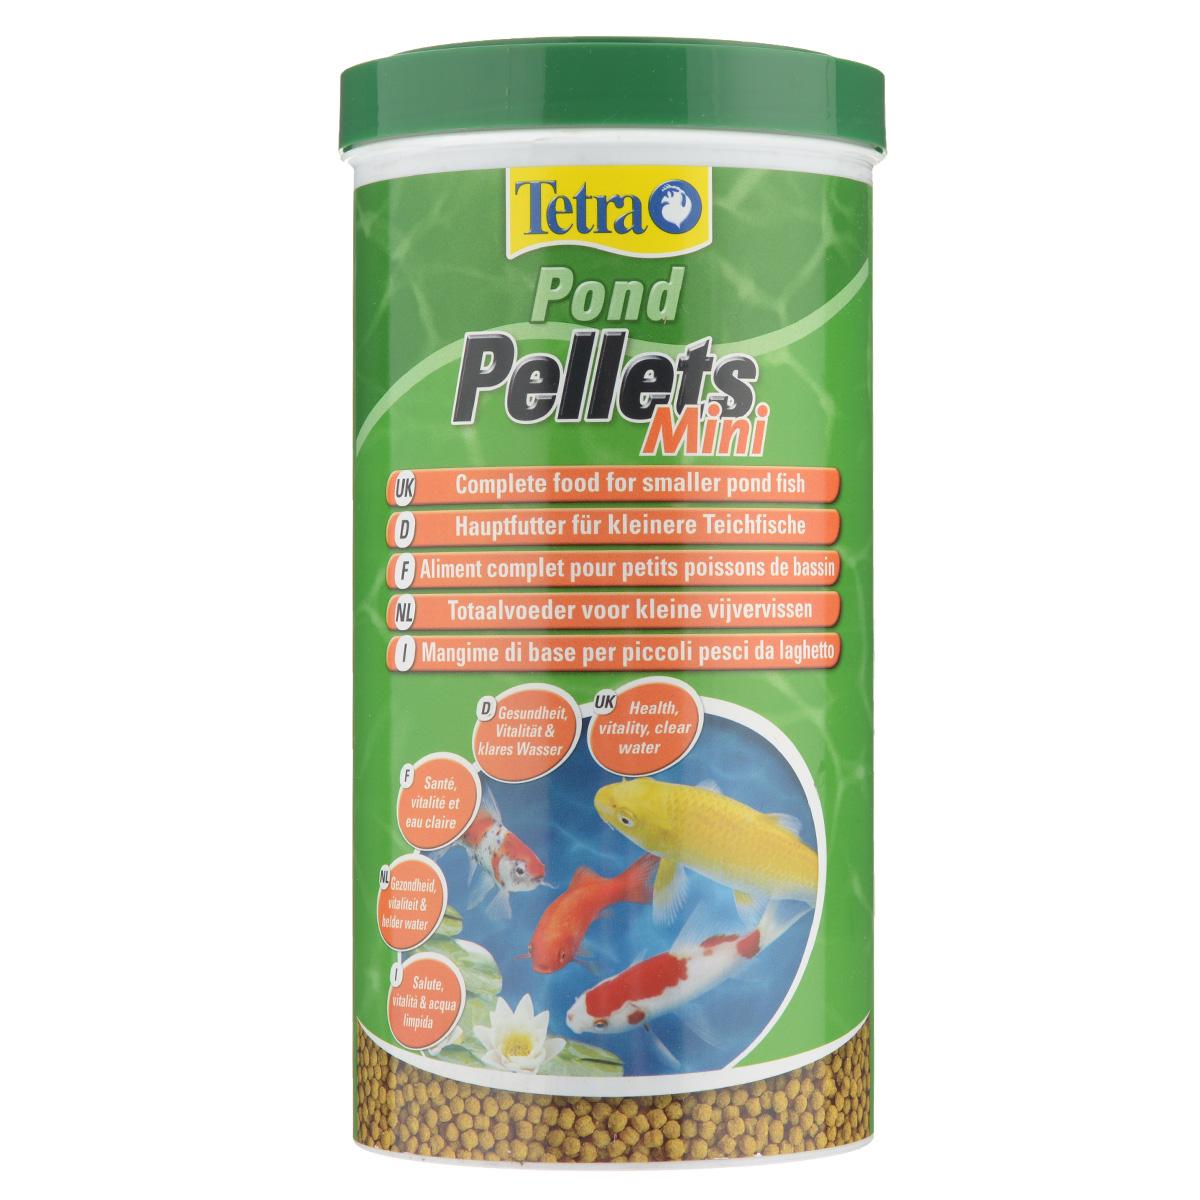 Корм сухой Tetra Pond Pellets Mini для всех видов прудовых рыб, в виде шариков, 1 л0120710Корм Tetra Pond Pellets Mini - это идеальный корм в виде шариков для всех видов прудовых рыб длиной до 20 см. Обеспечивает полноценное и сбалансированное питание. быстро размягчается в воде и легко переваривается рыбами, обеспечивает небольшое количество отходов и не загрязняет воду. Рекомендации по кормлению: кормите не менее 2-3 раз в день в таком количестве, которое ваши рыбы могут съесть в течение нескольких минут.Характеристики:Состав: зерновые культуры, экстракты растительного белка, растительные продукты, рыба и побочные рыбные продукты, дрожжи, масла и жиры, водоросли, минеральные вещества. Пищевая ценность: сырой белок - 28%, сырые масла и жиры - 3.5%, сырая клетчатка - 2%, влага - 7%.Добавки: витамины, провитамины и химические вещества с аналогичным воздействием, витамин А 28800 МЕ/кг, витамин Д3 1800 МЕ/кг. Комбинации элементов: Е5 Марганец 74 мг/кг, Е6 Цинк 44 мг/кг, Е1 Железо 29 мг/кг, Е3 Кобальт 0,5 мг/кг. Красители, антиоксиданты.Вес: 1000 мл (260 г).